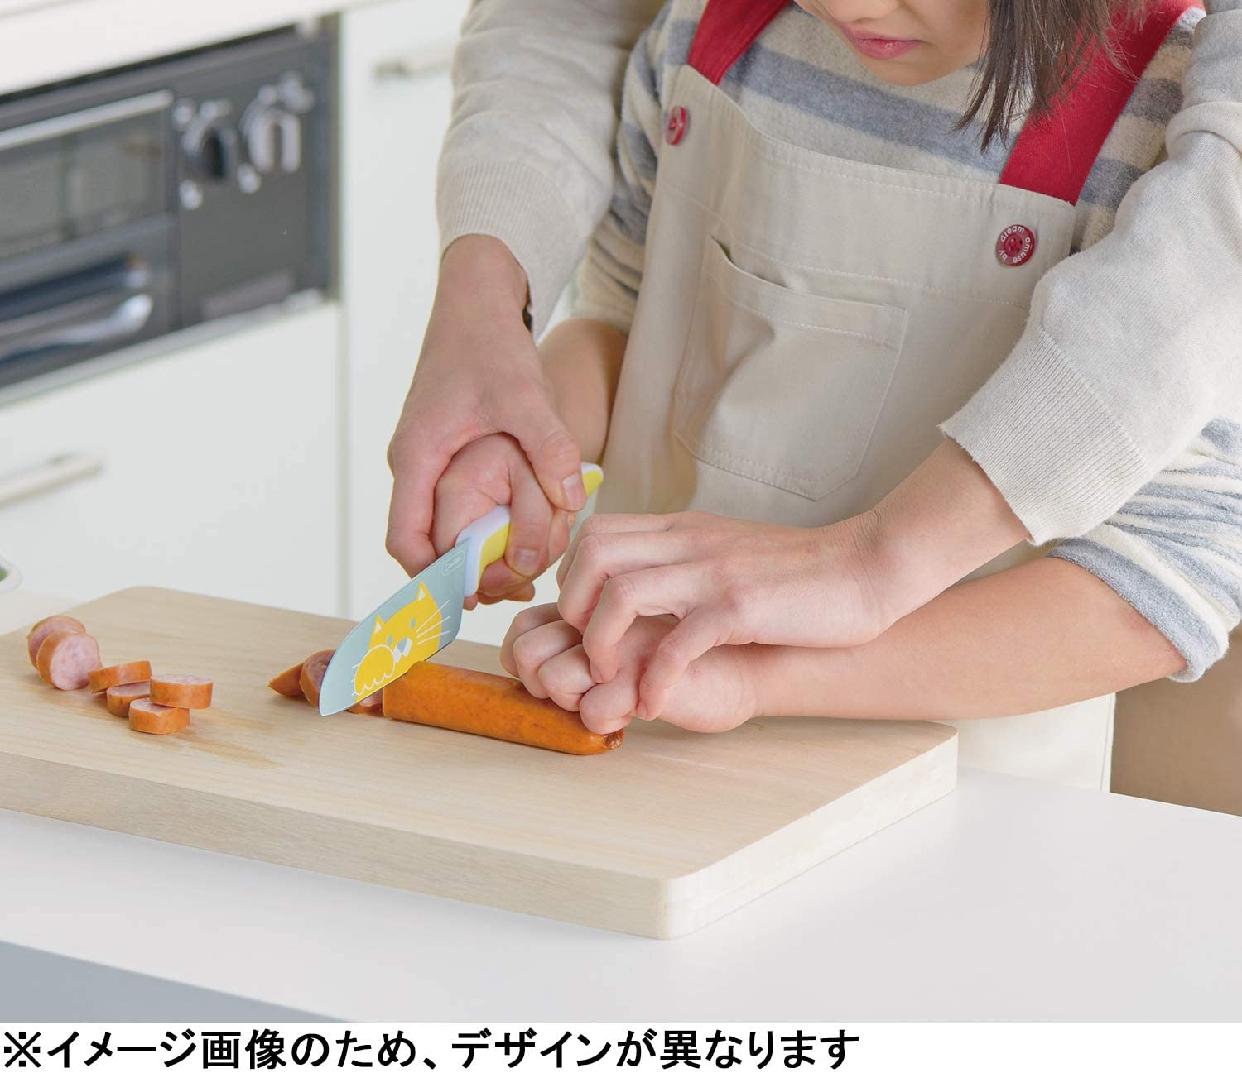 富士カトラリー(フジカトラリー)子供向け包丁 グーテ 子供用包丁(両刃) FC-791の商品画像3